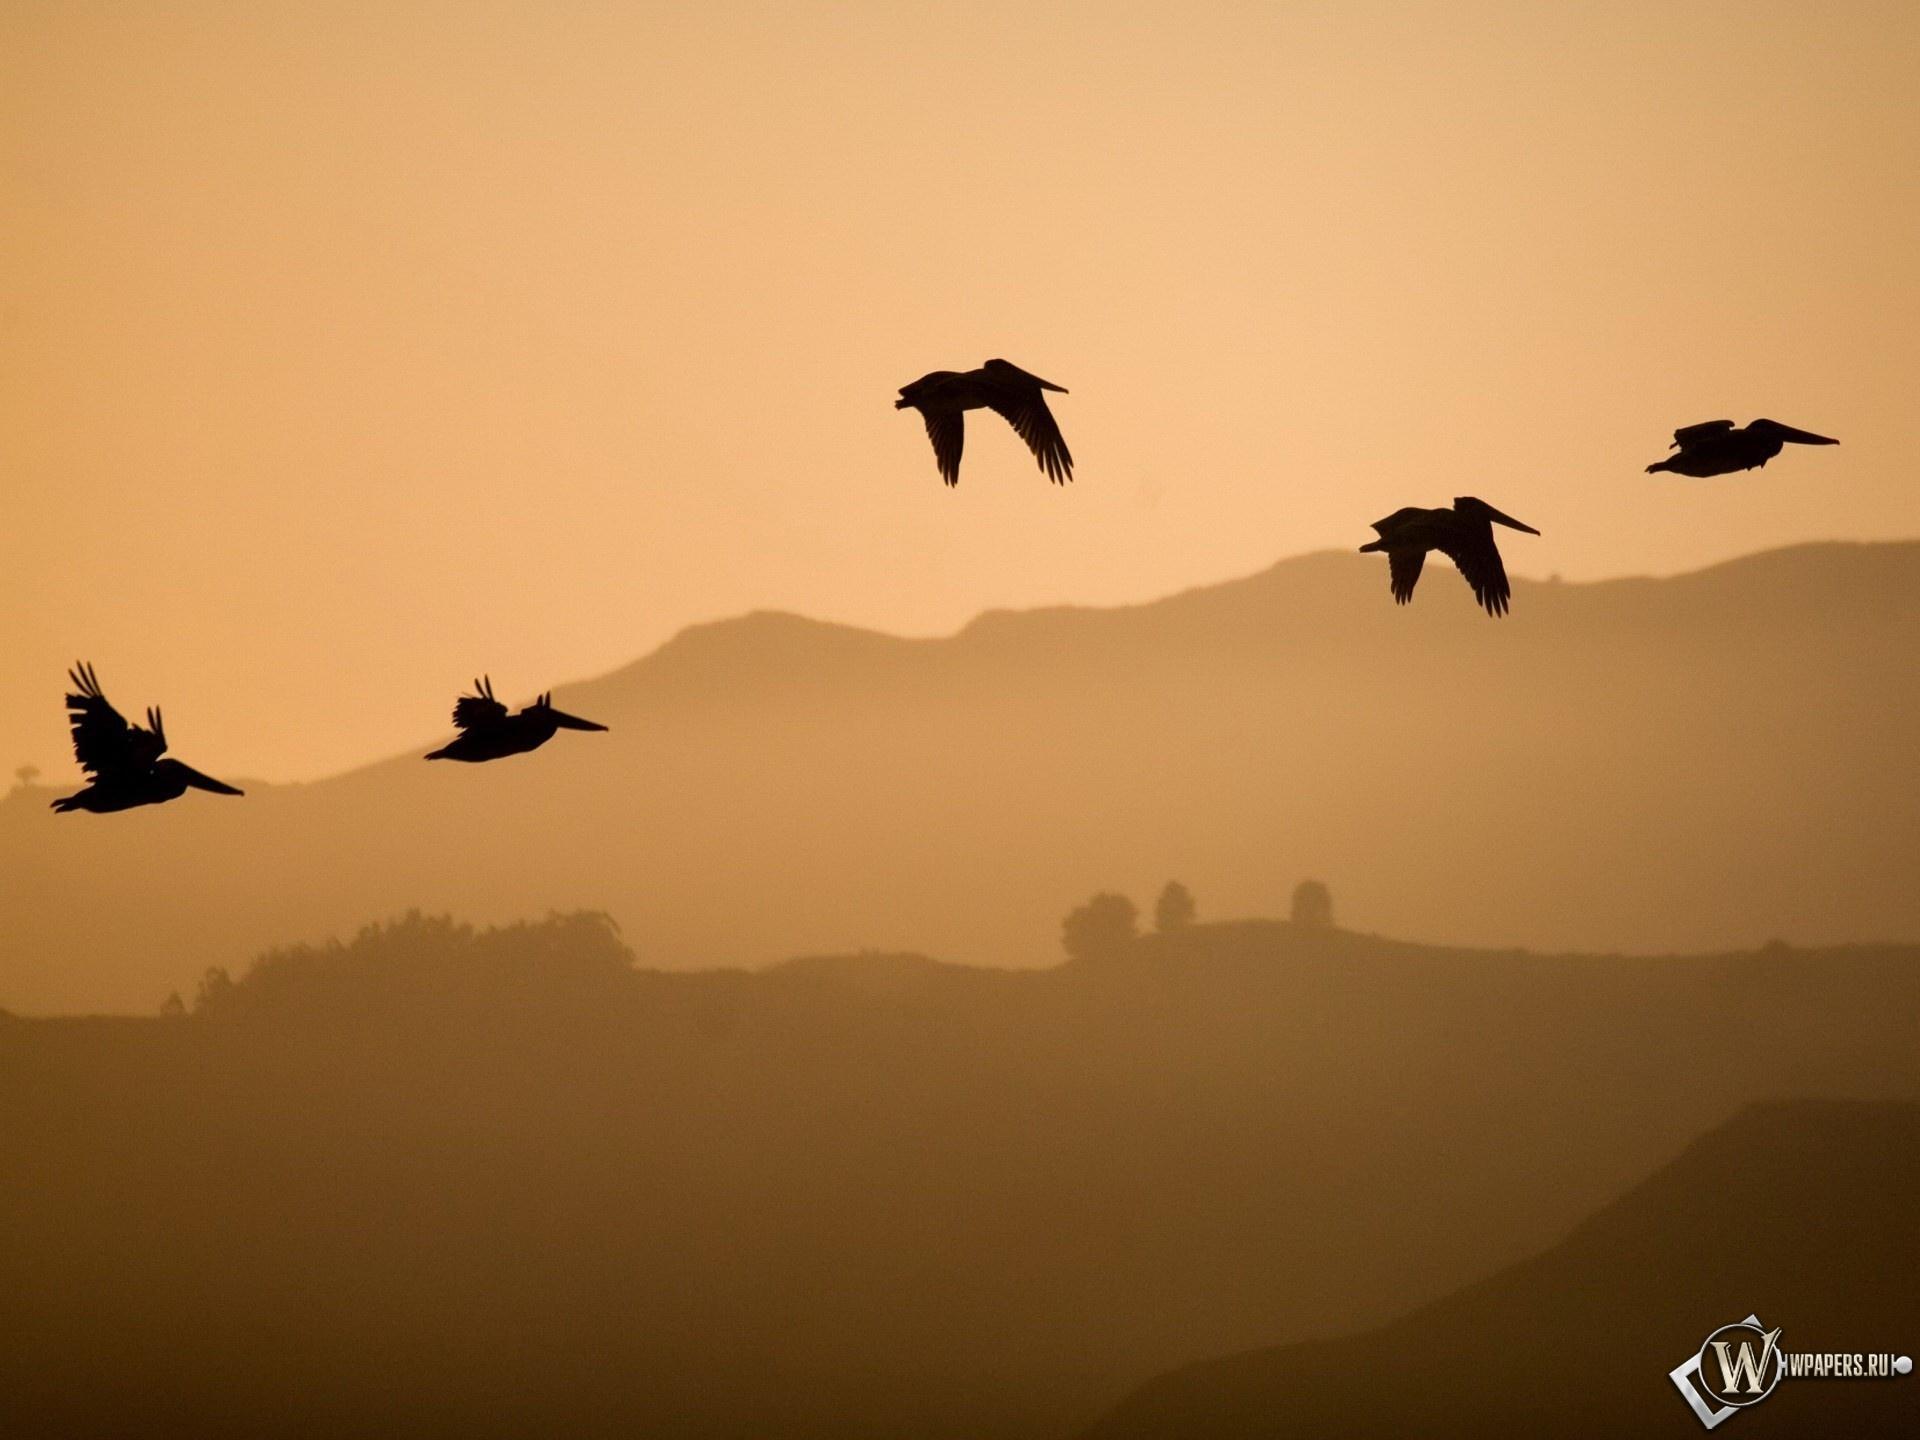 Птицы в полёте 1920x1440